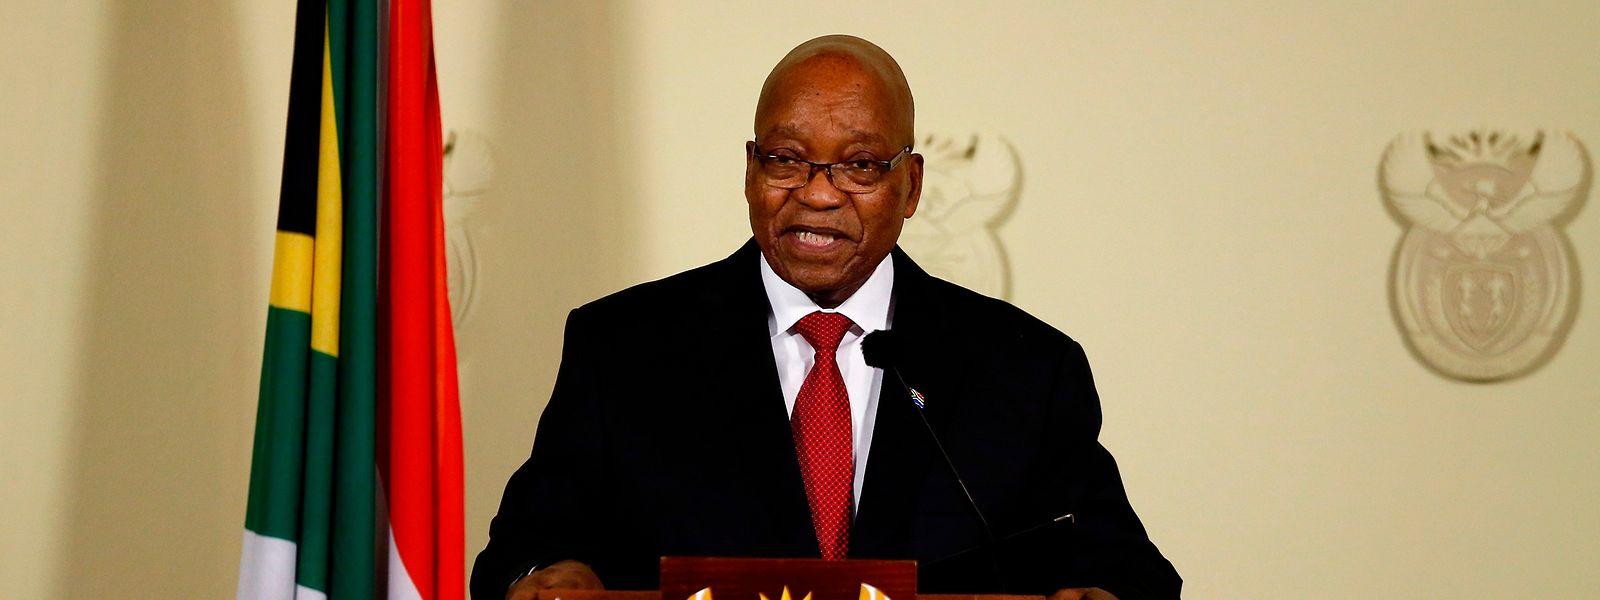 Jacob Zuma hat dem Druck der Regierungspartei nachgegeben.